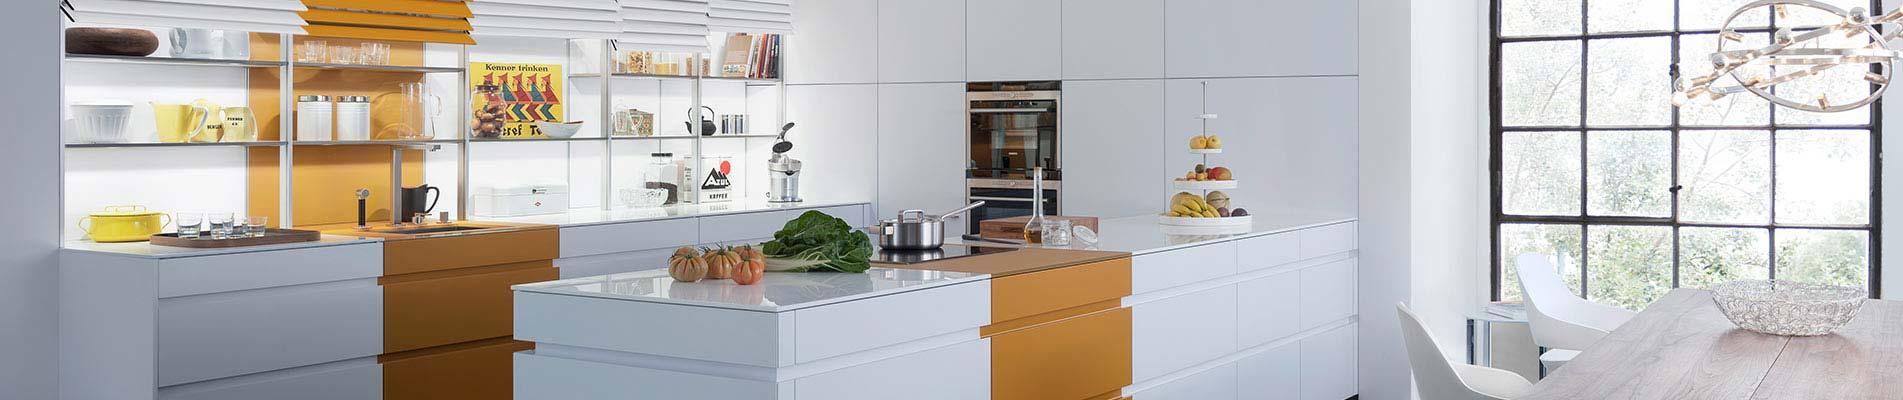 Weiße Küche mit orangenen Applikationen der Marke Leicht